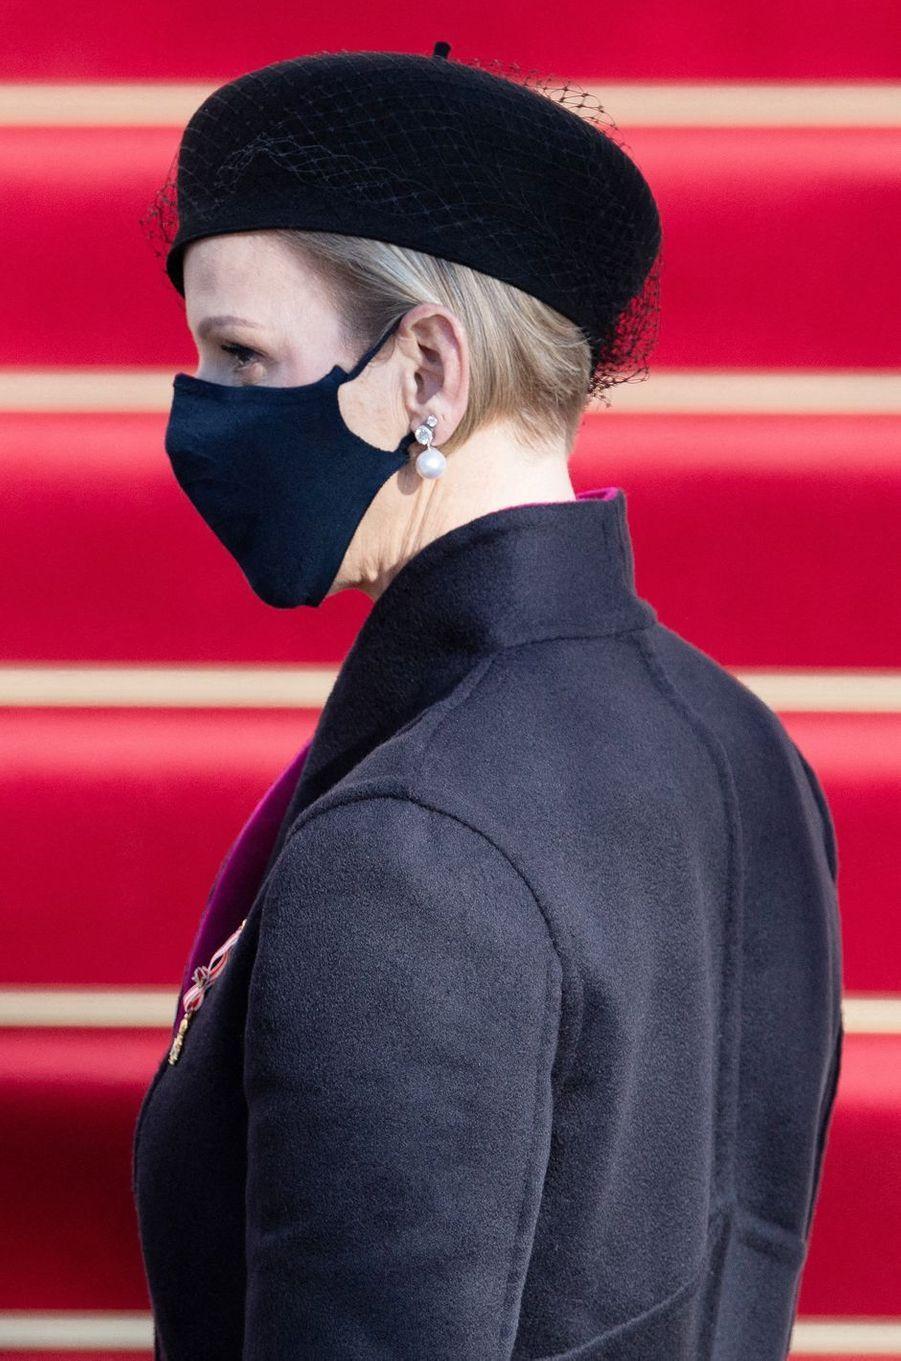 Le chapeau de la princesse Charlène de Monaco à Monaco, le 19 novembre 2020